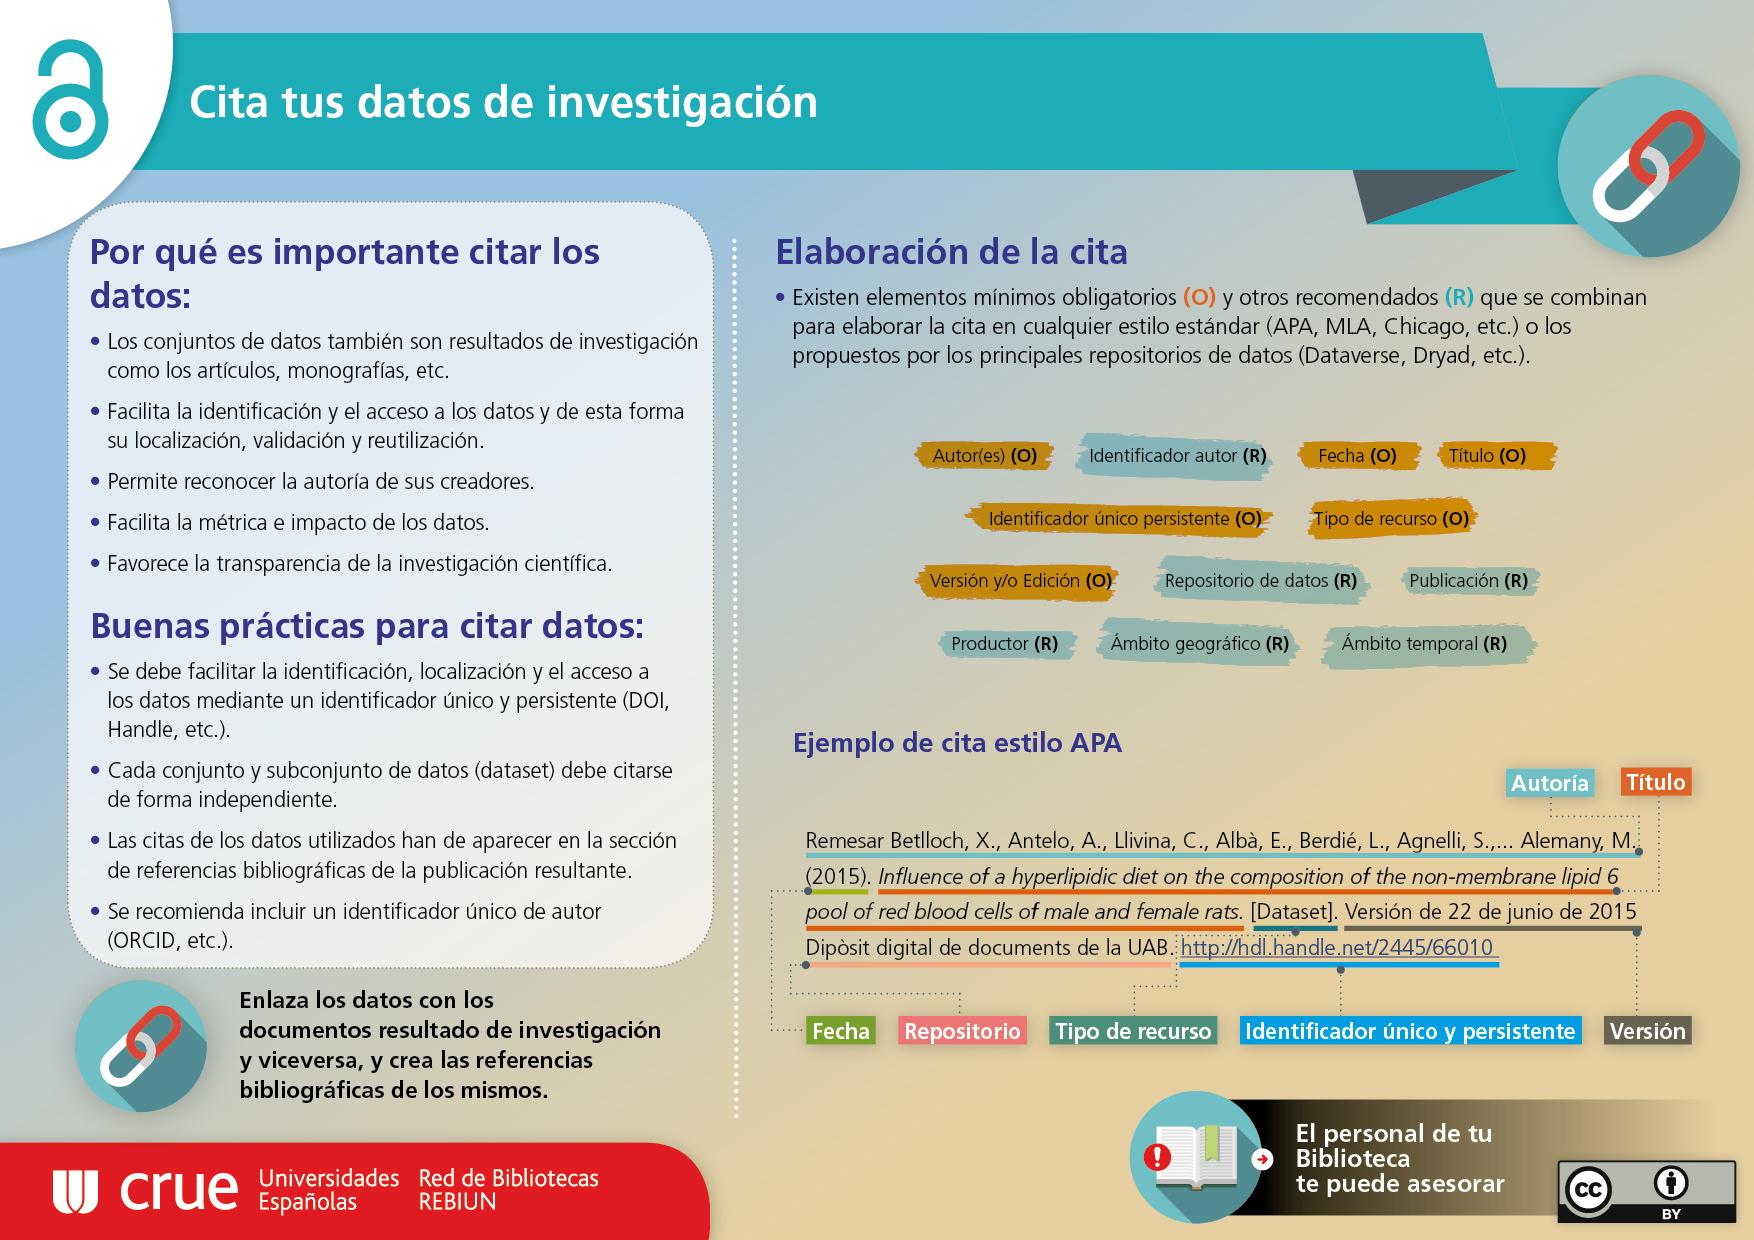 Infografía elaborada por REBIUN sobre cómo citar tus datos de investigación